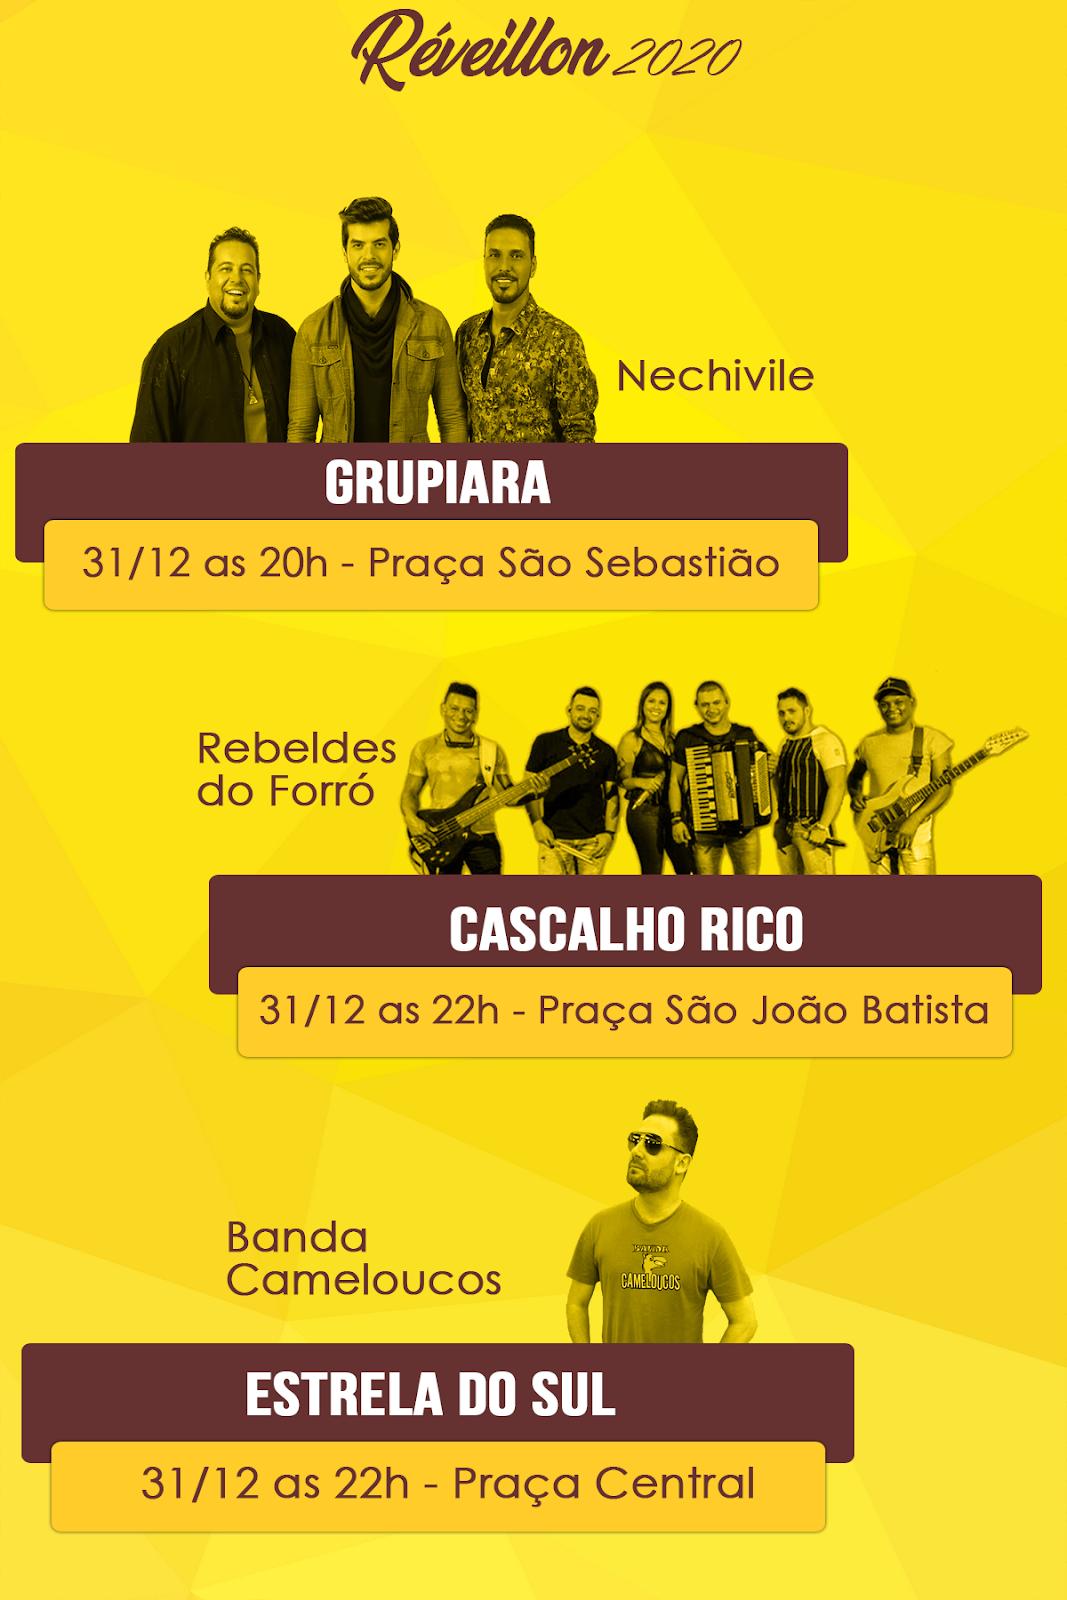 Réveillon 2020: Grupiara, Cascalho Rico e Estrela do Sul